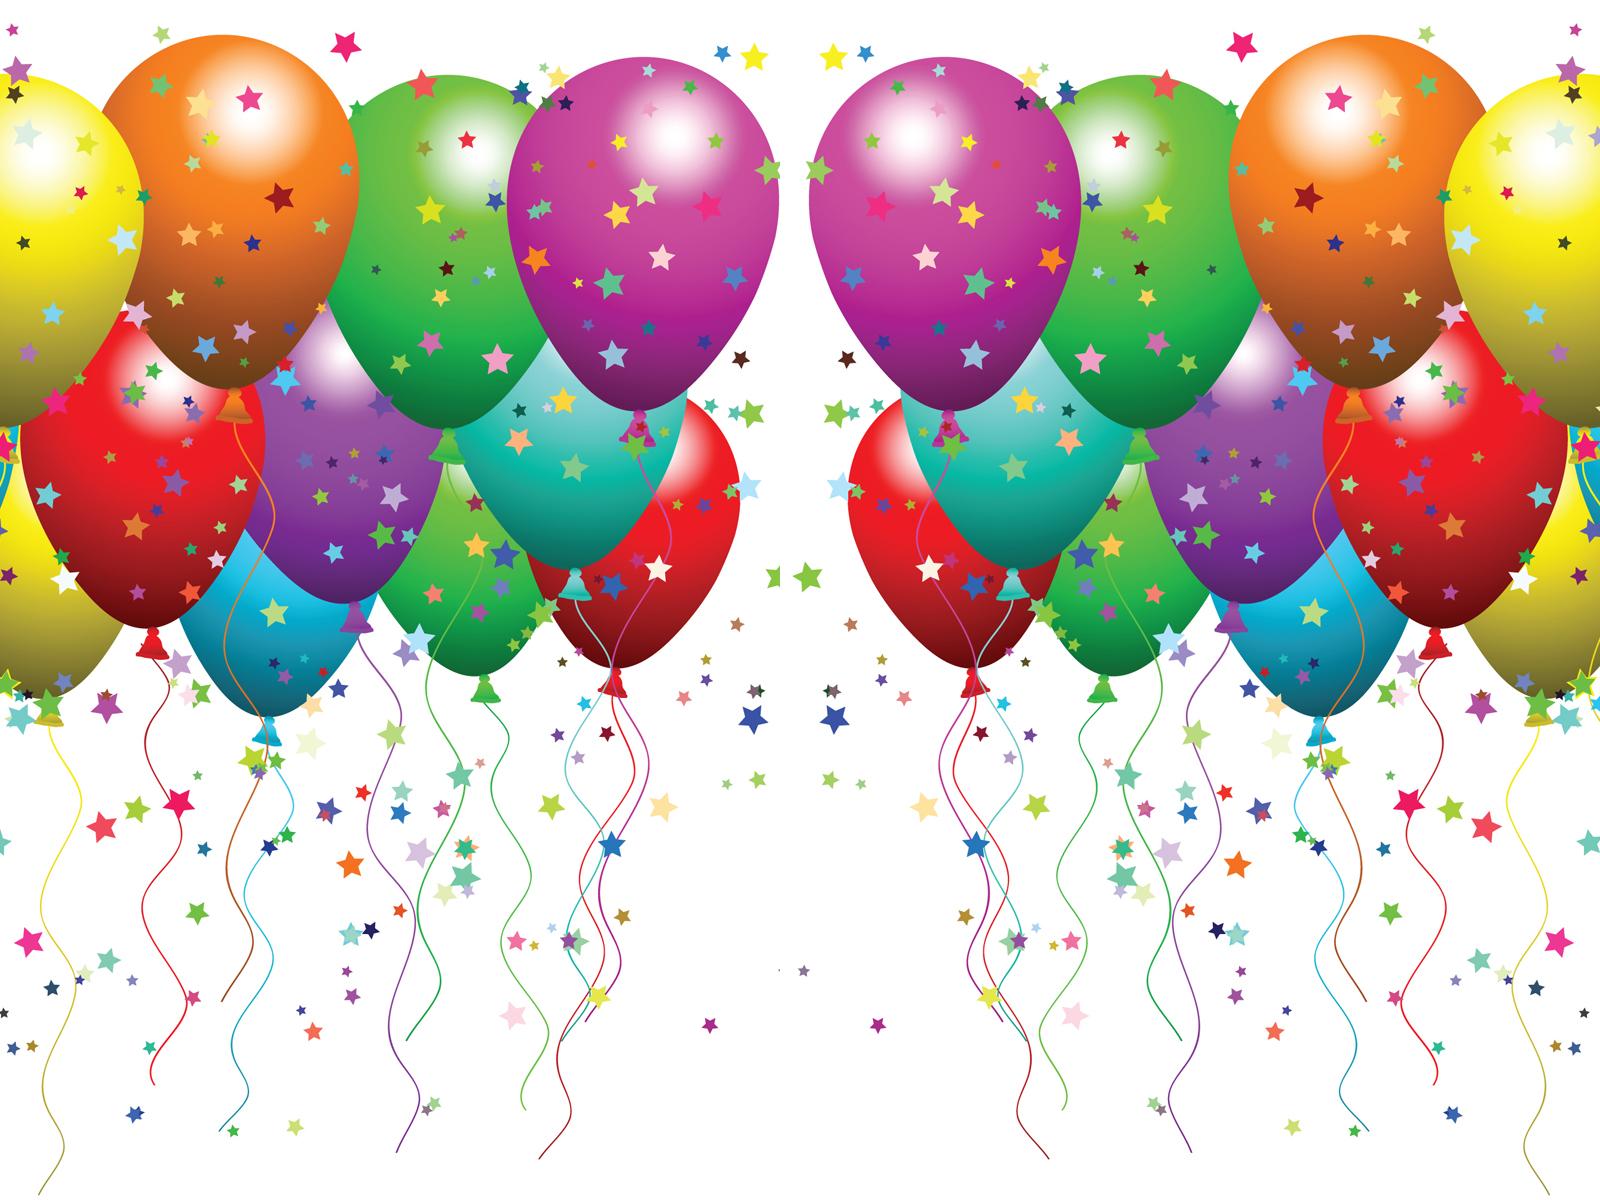 100 clipart balloon. Balloons confetti clip art